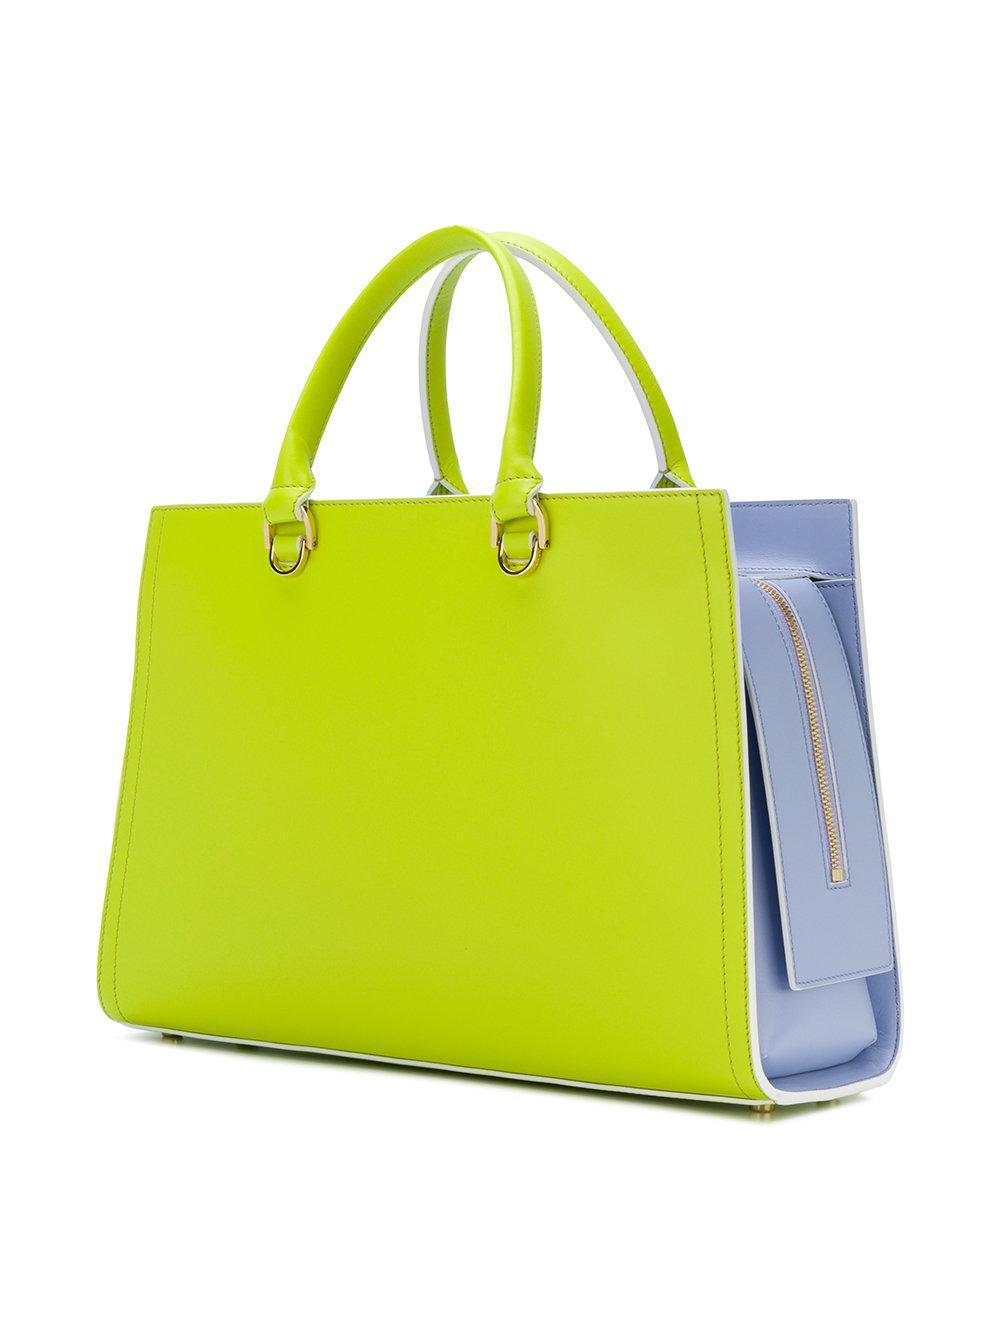 e61611fd543d Lyst - Sac cabas bicolore Emilio Pucci en coloris Vert